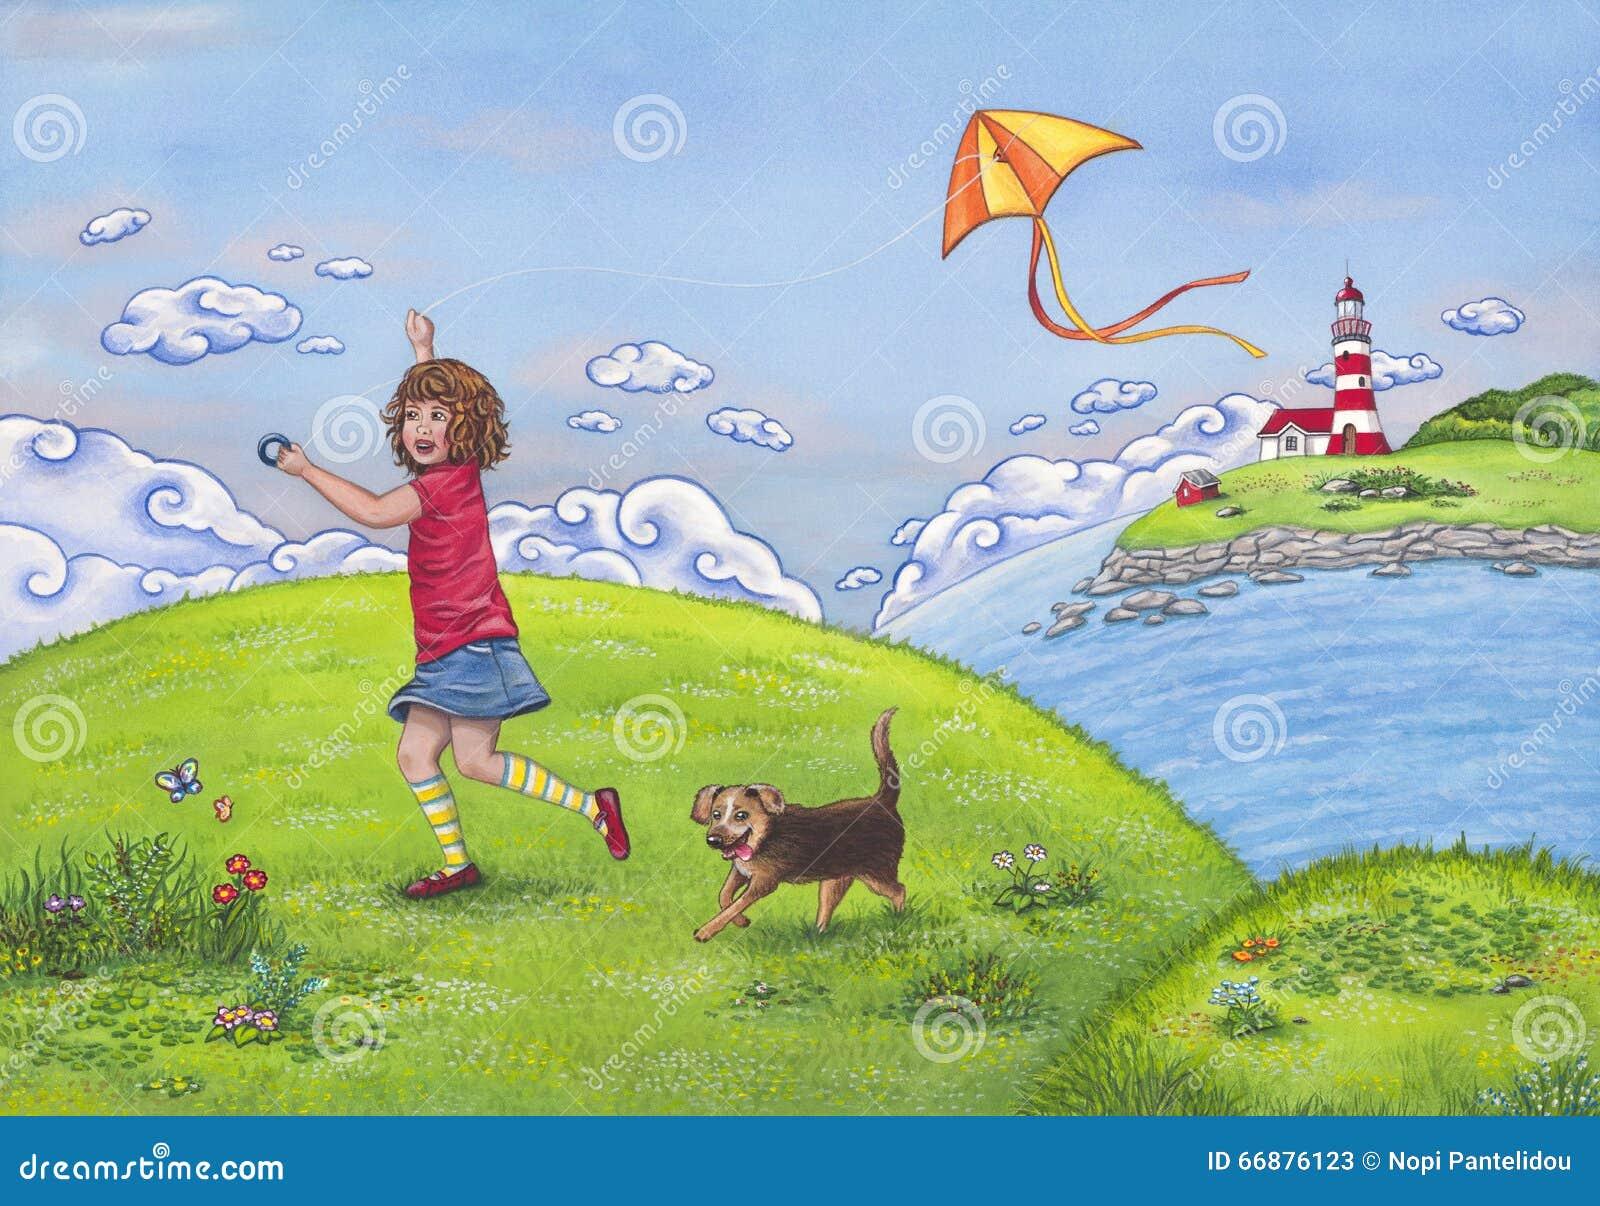 Sommerlandschaft mit einem Mädchen, das auf einem Hügel, spielend mit einem Drachen und ihrem netten Hund läuft